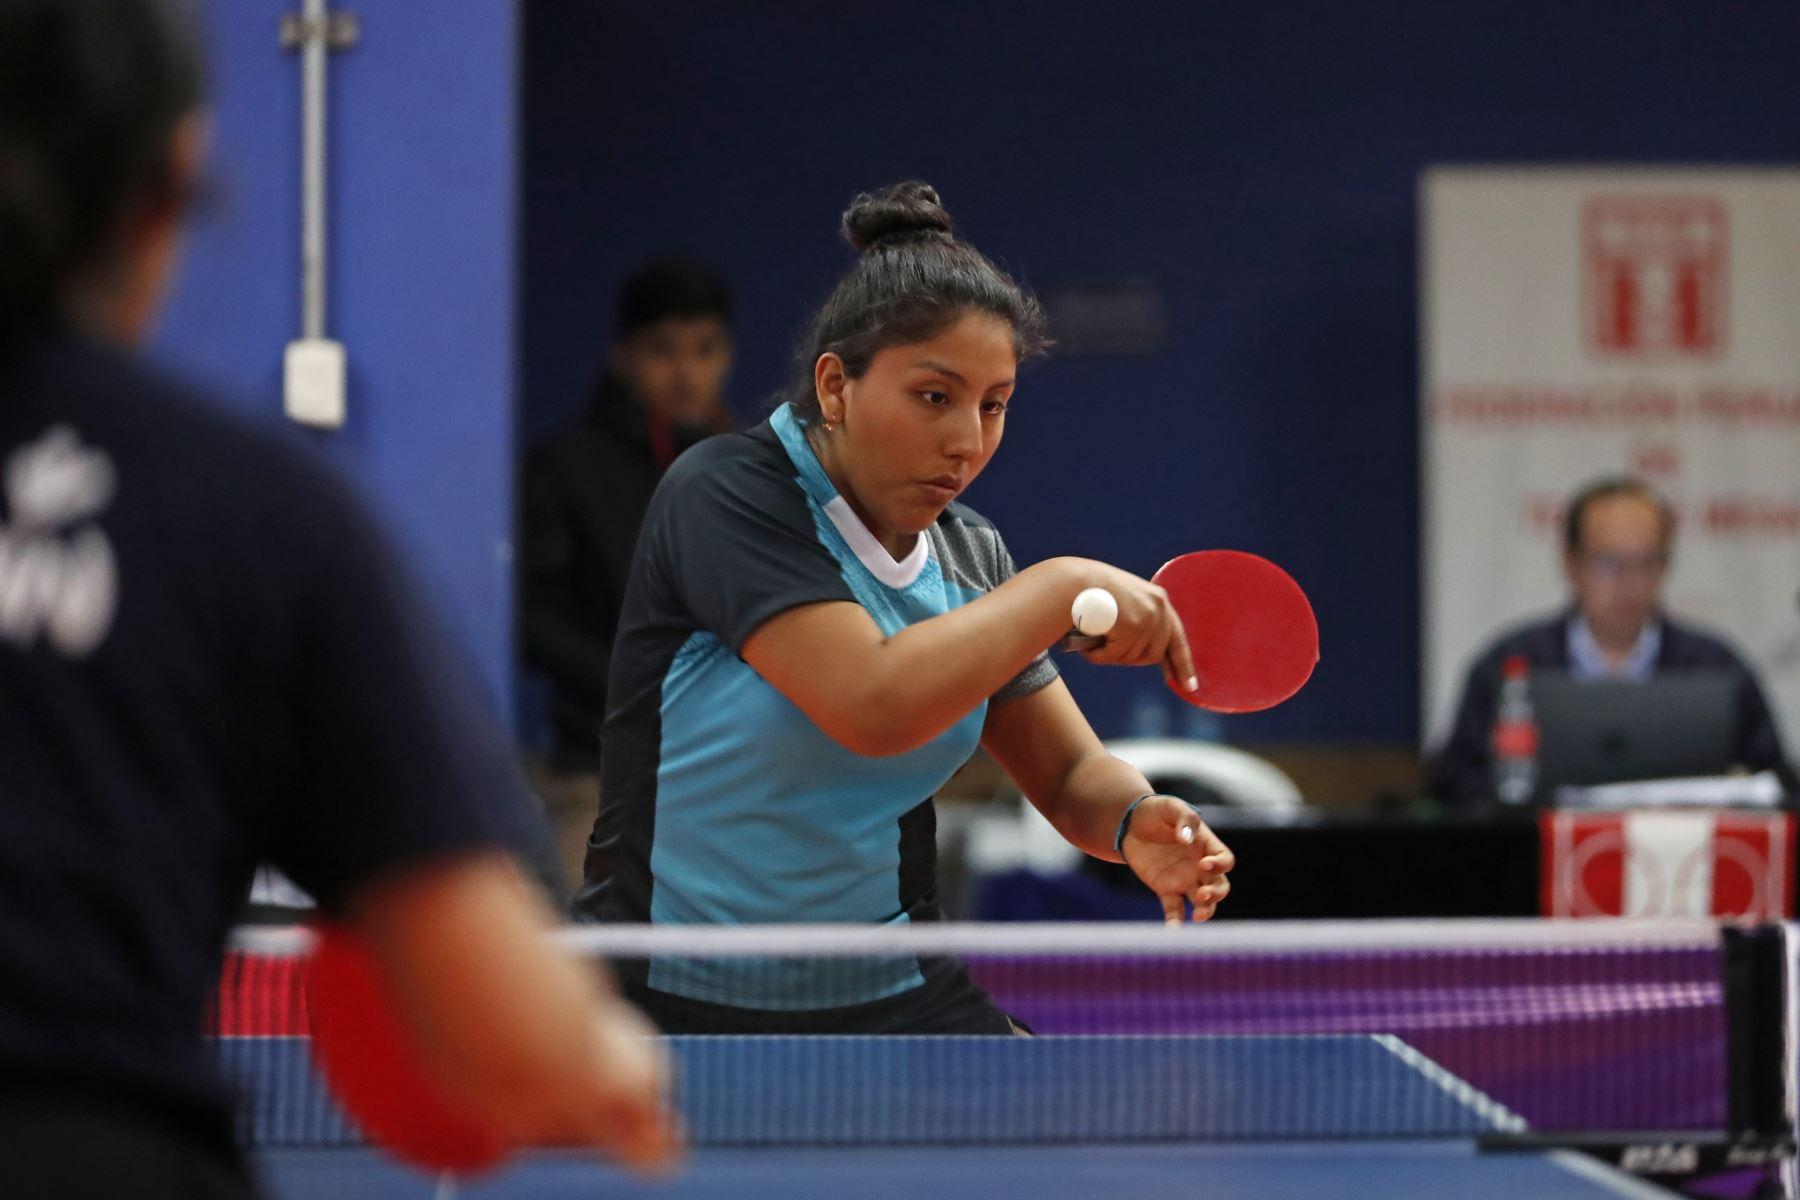 Sujey Carrasco del Colegio Paraiso del Niño de Tacna participa en categoría Tenis de Mesa de los Juegos Escolares 2019. Foto: ANDINA/Renato Pajuelo